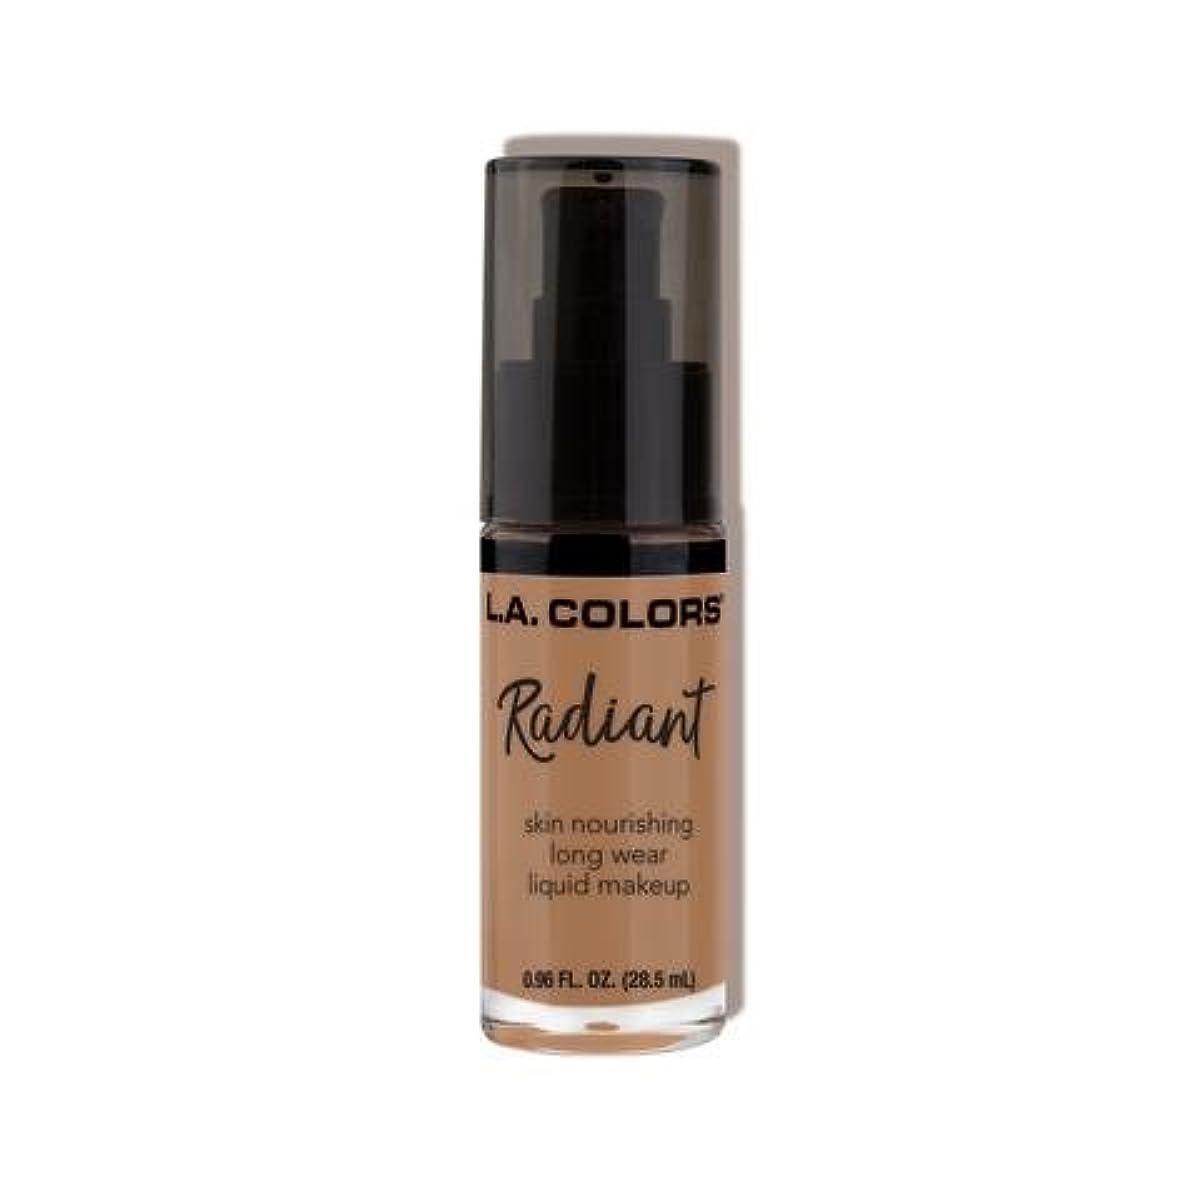 位置する代理店誇りに思う(3 Pack) L.A. COLORS Radiant Liquid Makeup - Creamy Cafe (並行輸入品)